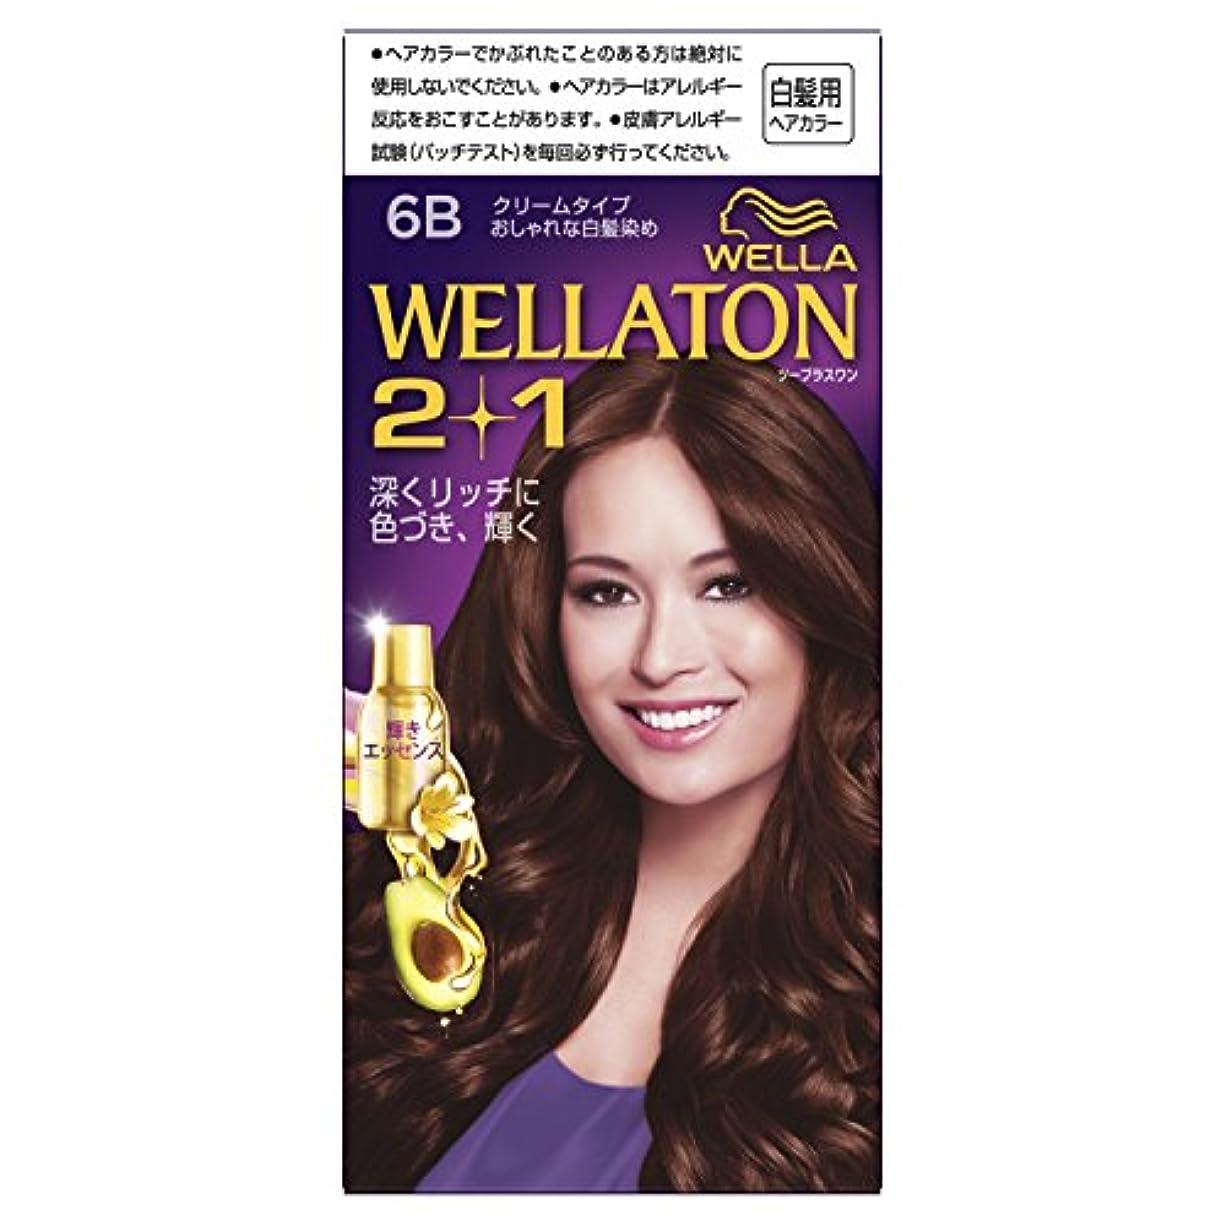 傘コンパクトウールウエラトーン2+1 クリームタイプ 6B [医薬部外品](おしゃれな白髪染め)